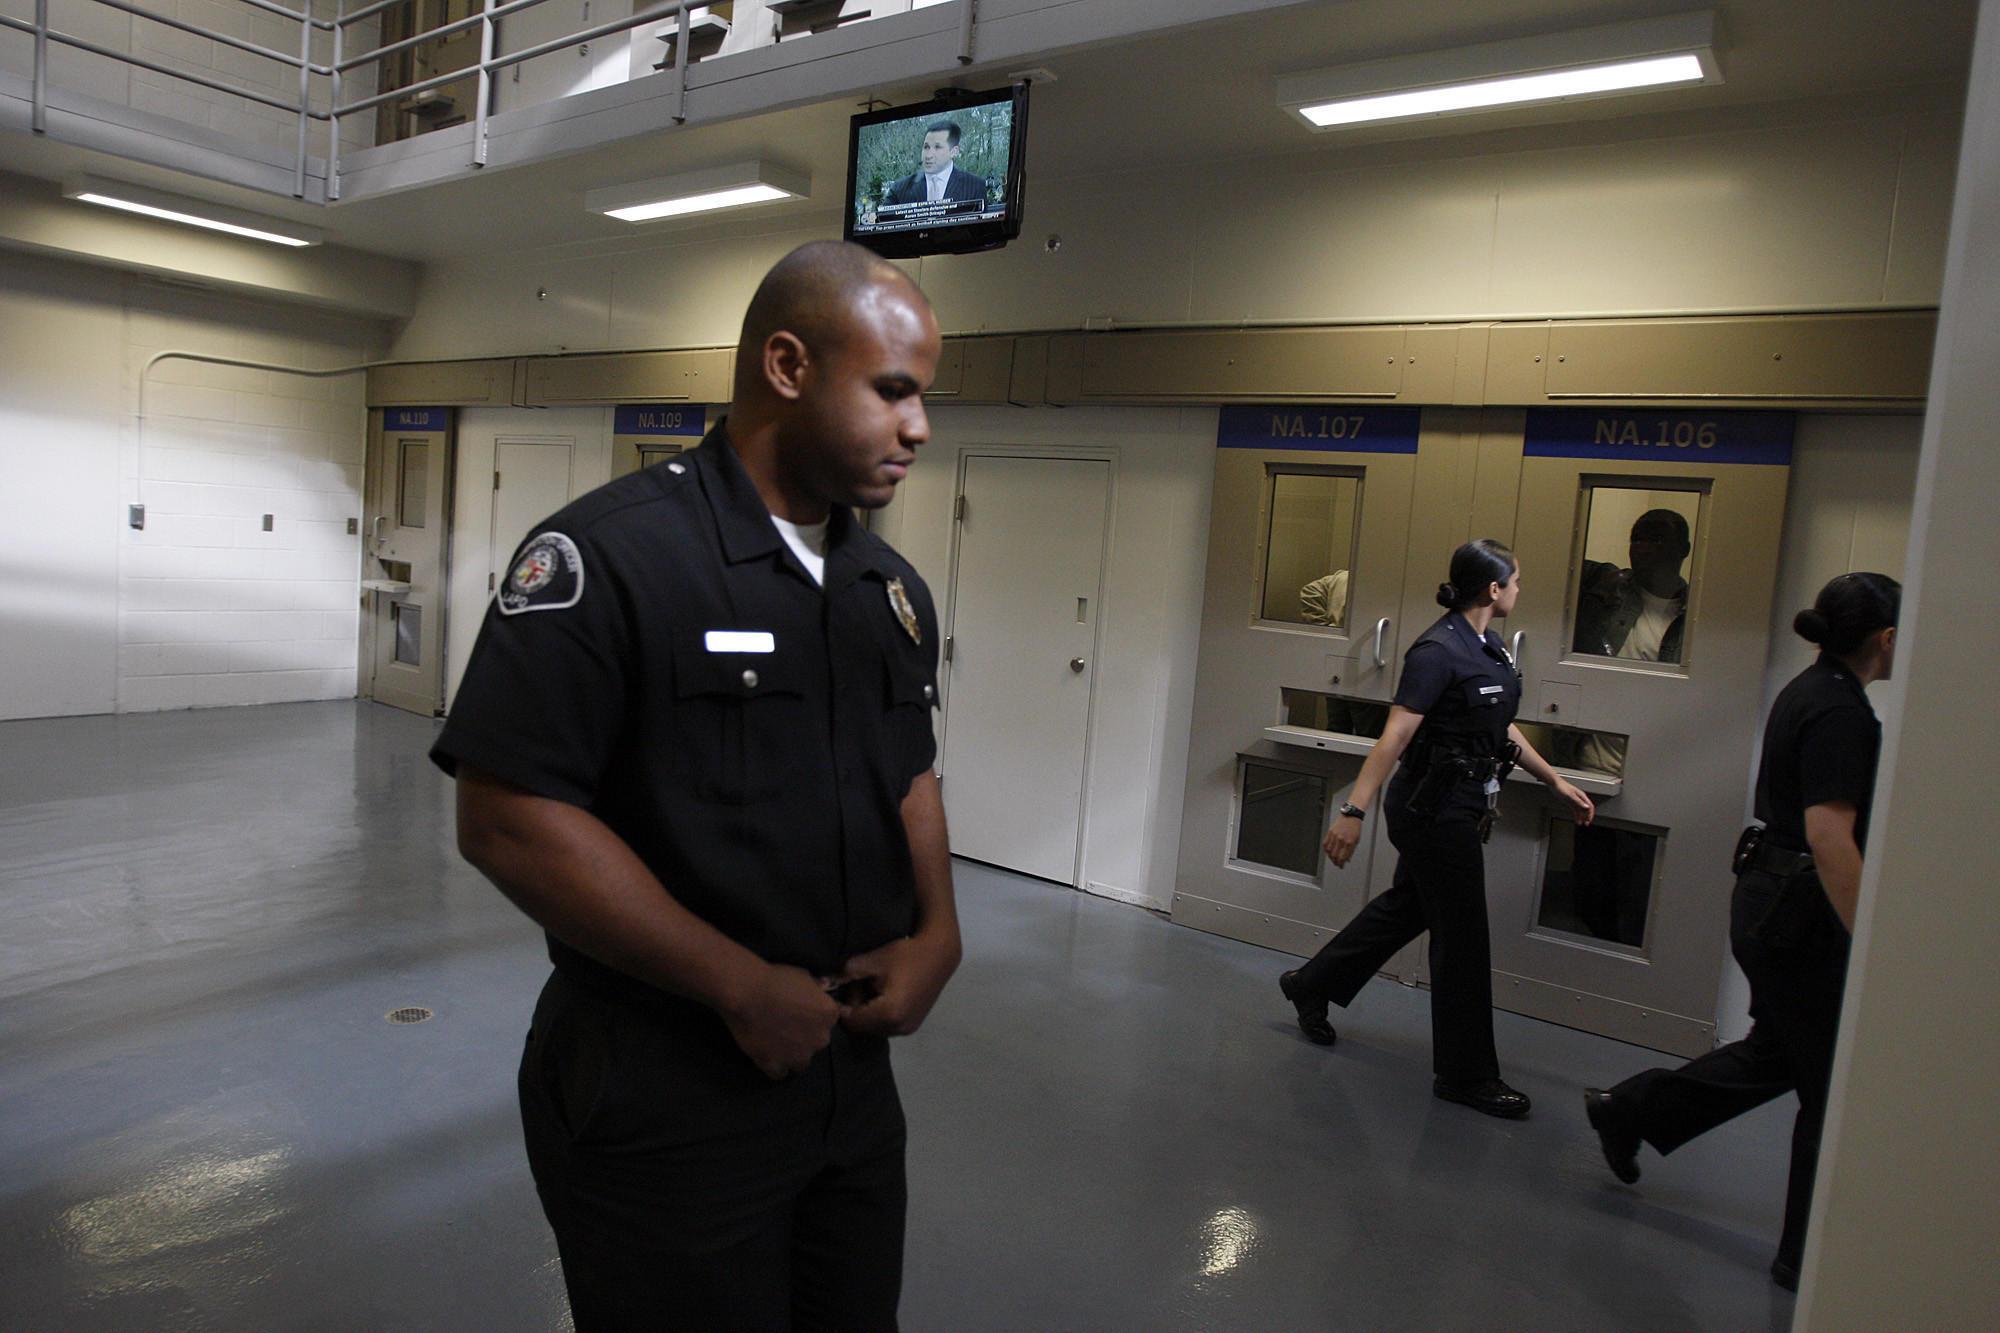 lapd detention officer